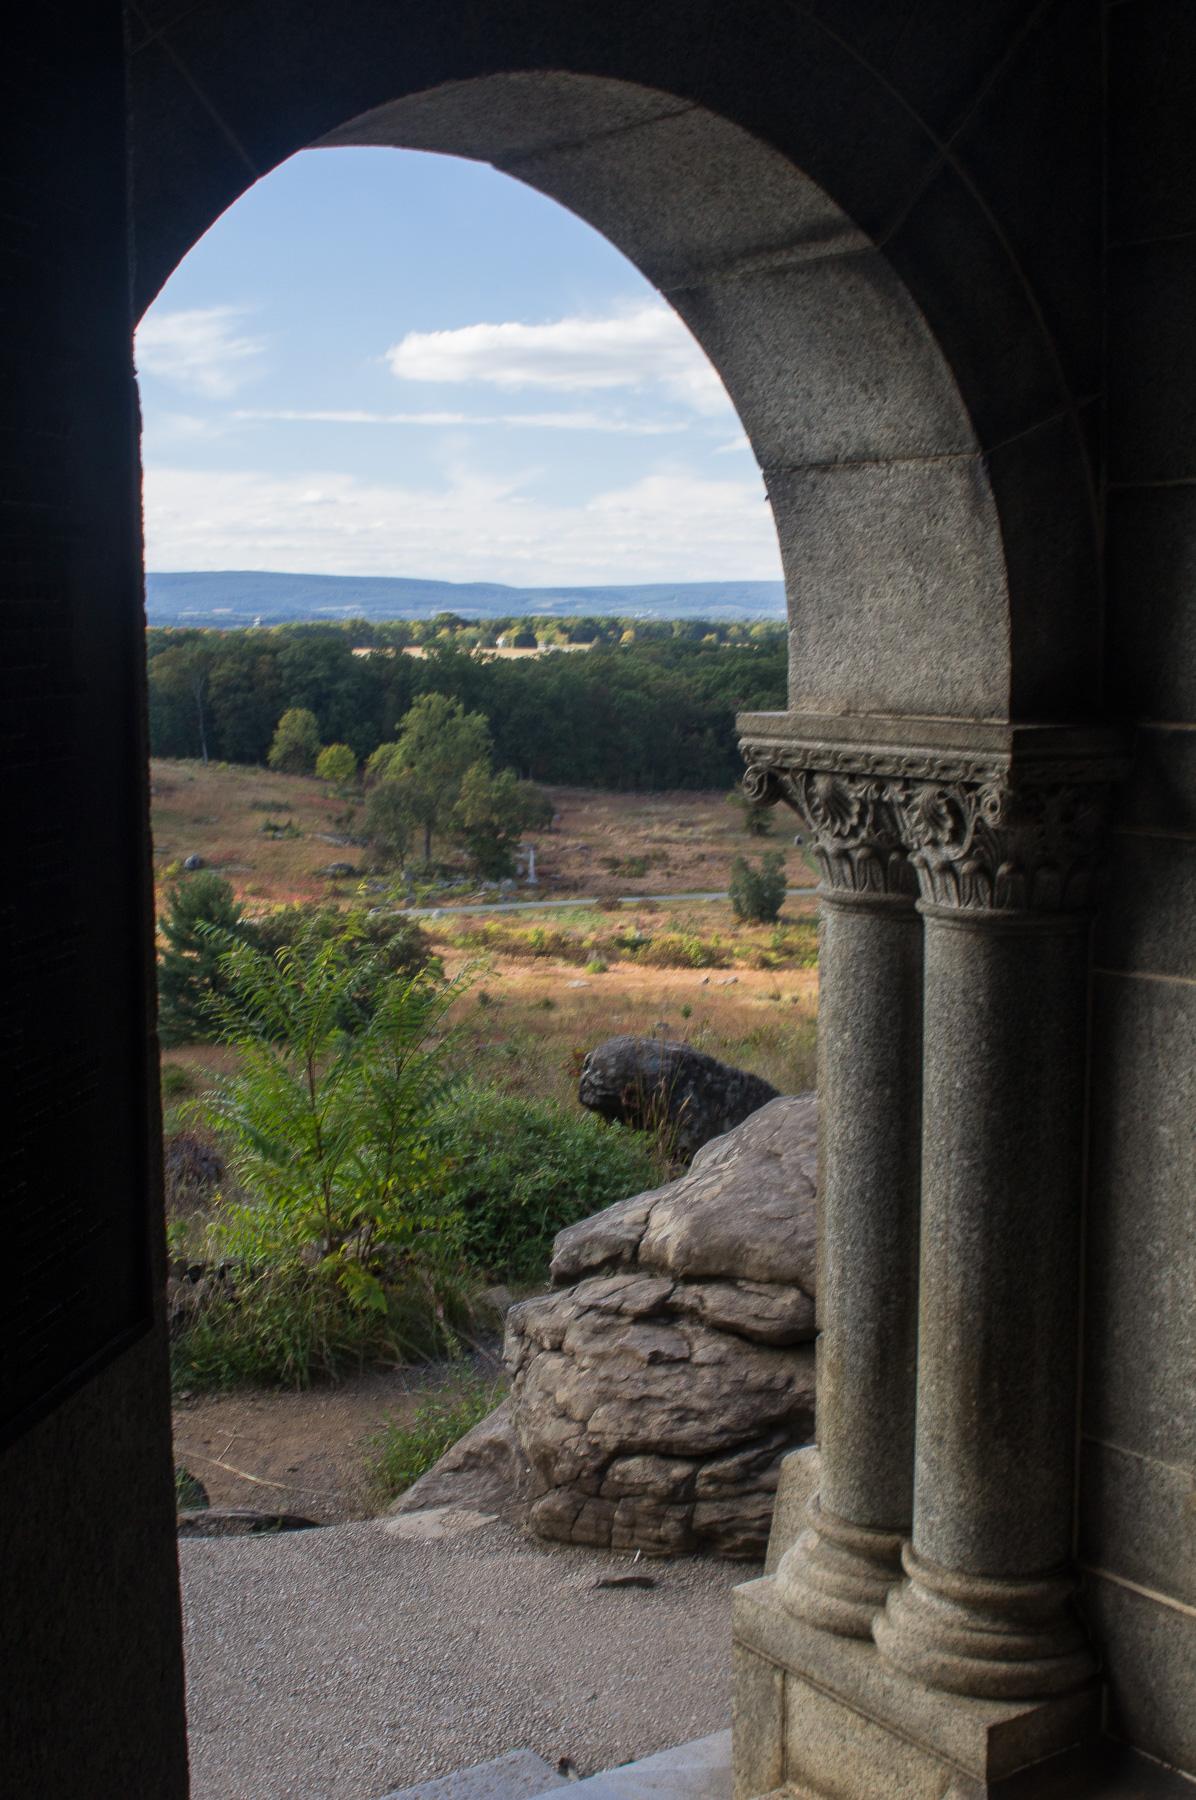 Gettysburgh Arch Framing